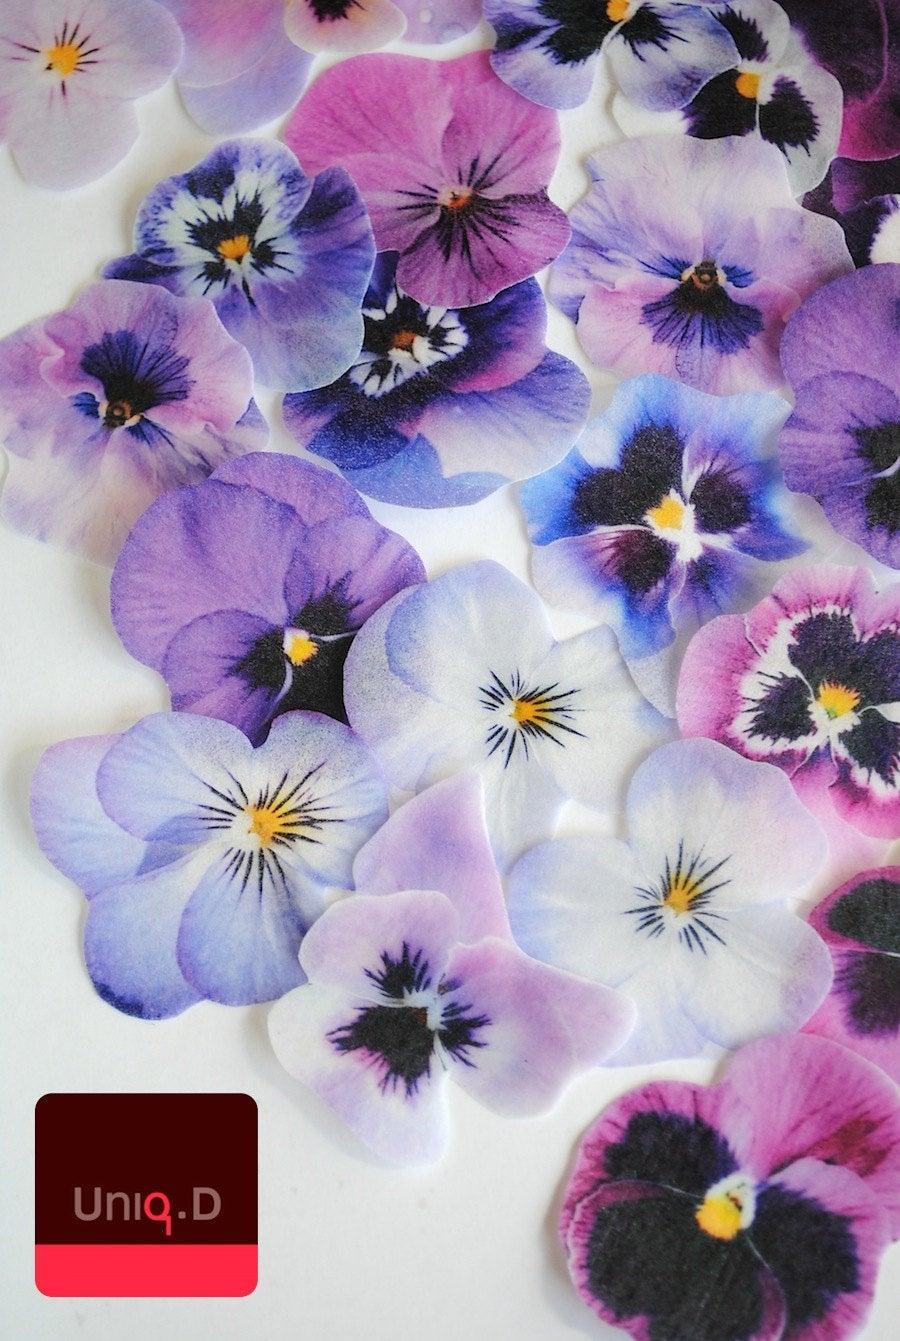 زفاف - BUY 36 get 4 FRE purple edible cake decoration - confetti - lavender  wedding cake toppers - edible cupcake toppers by Uniqdots on Etsy